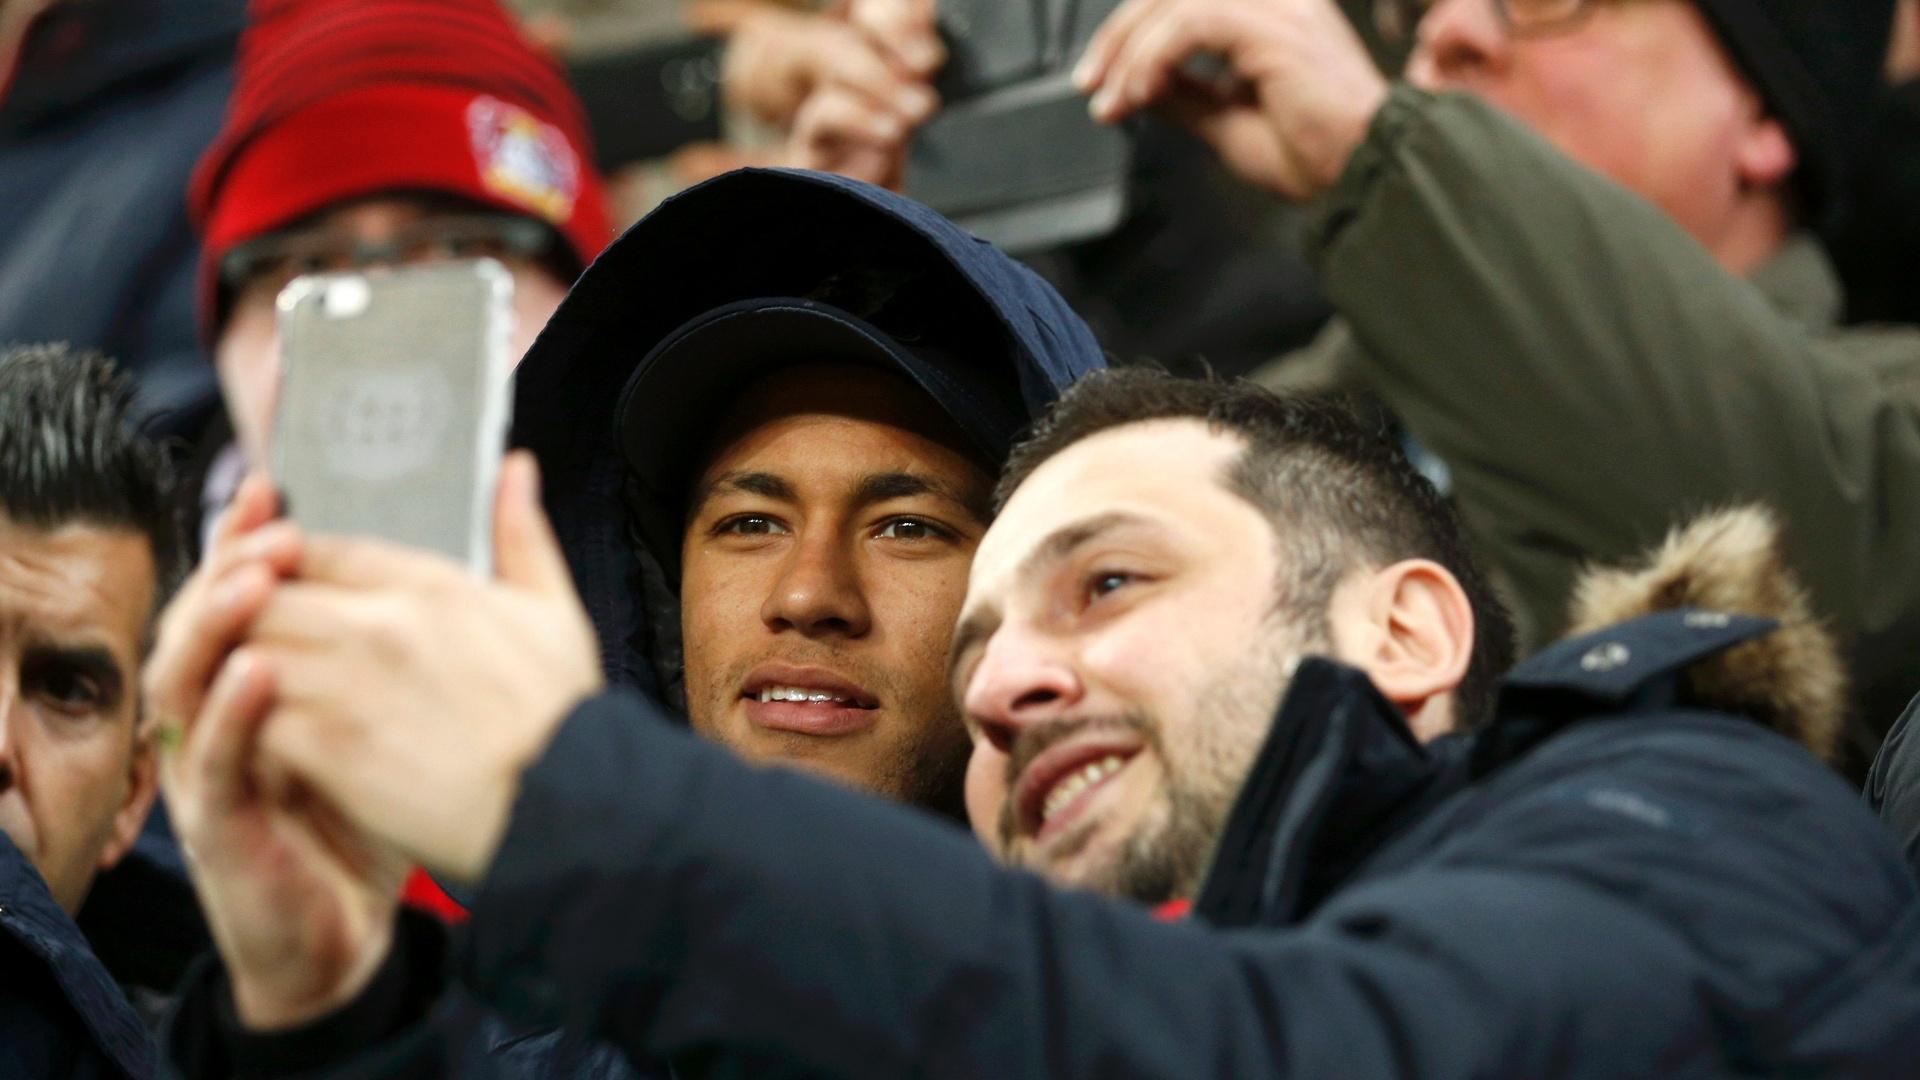 Lesionado, Neymar acompanha a partida do Barcelona contra o Beyer Leverkusen no estádio. E aproveita para tirar selfie